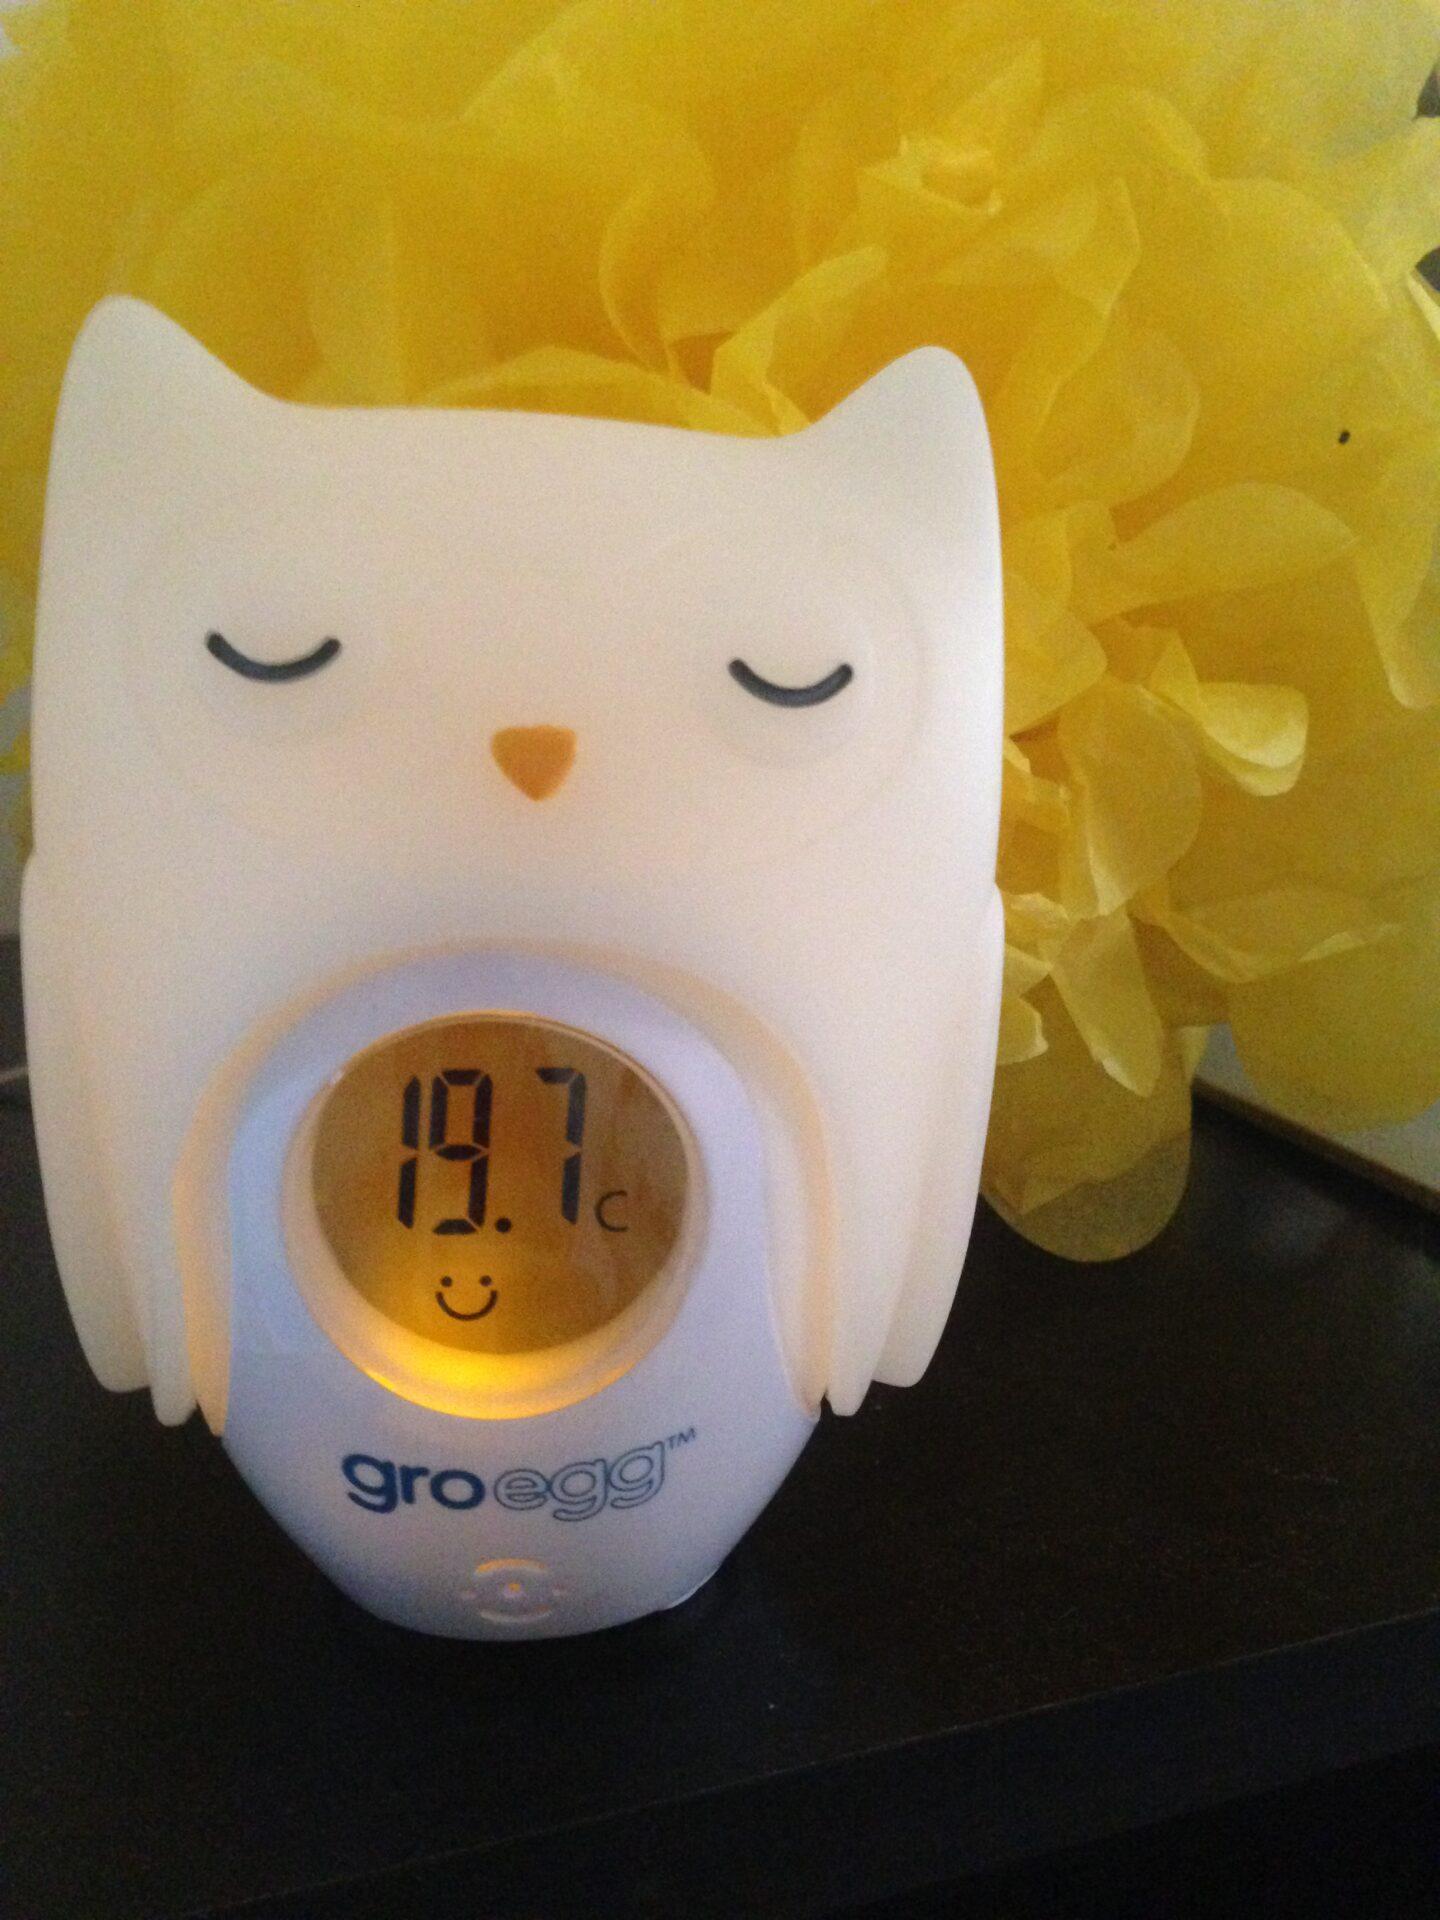 Lottie Loves: Gro-egg Room Thermometer